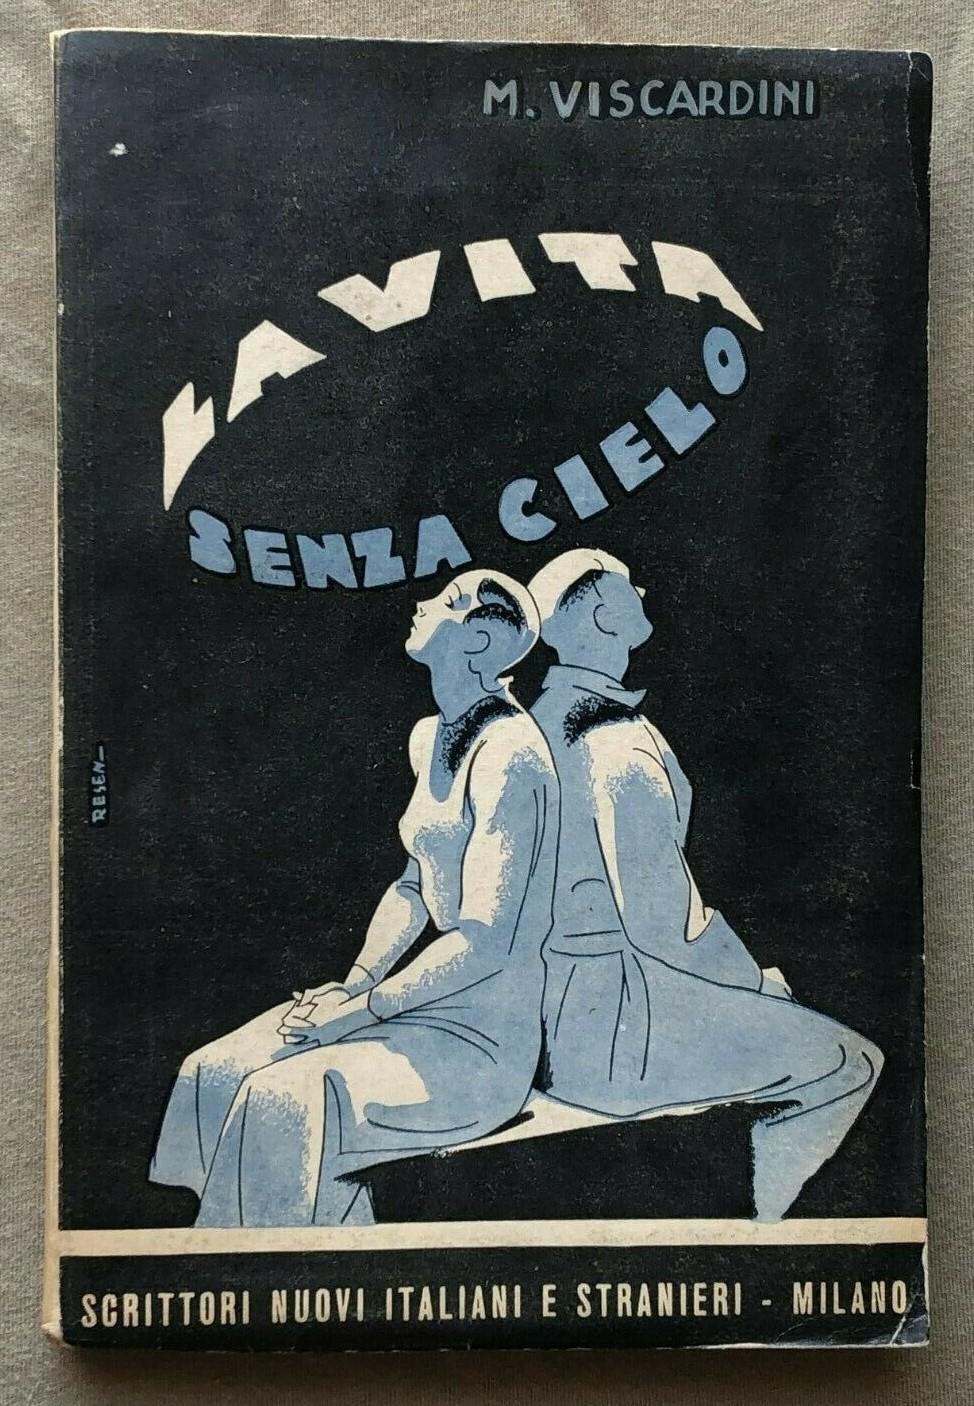 """""""La vita senza cielo"""", di Mario Viscardini (Scrittori nuovi italiani e stranieri, 1933): proto-fantascienza italiana allo stato puro"""